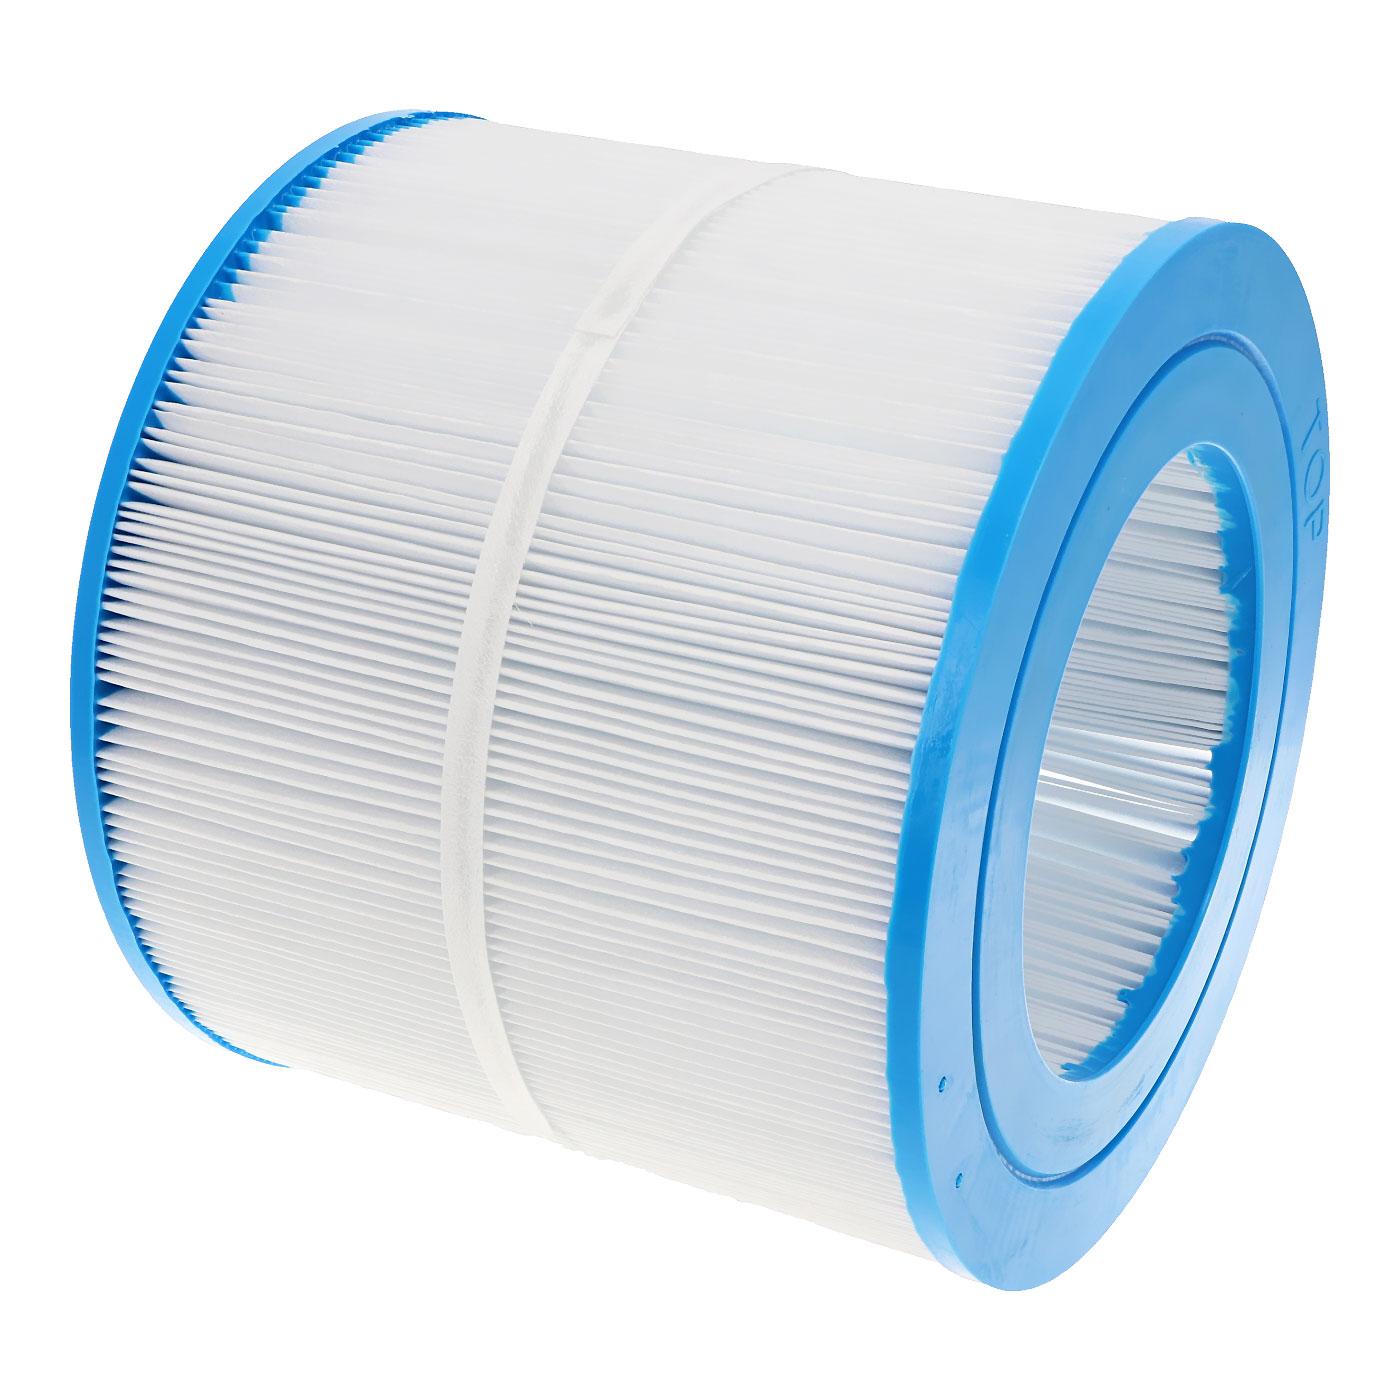 Filtre spa (10501 / C-9405 / PAP50-4 / FC-0684)